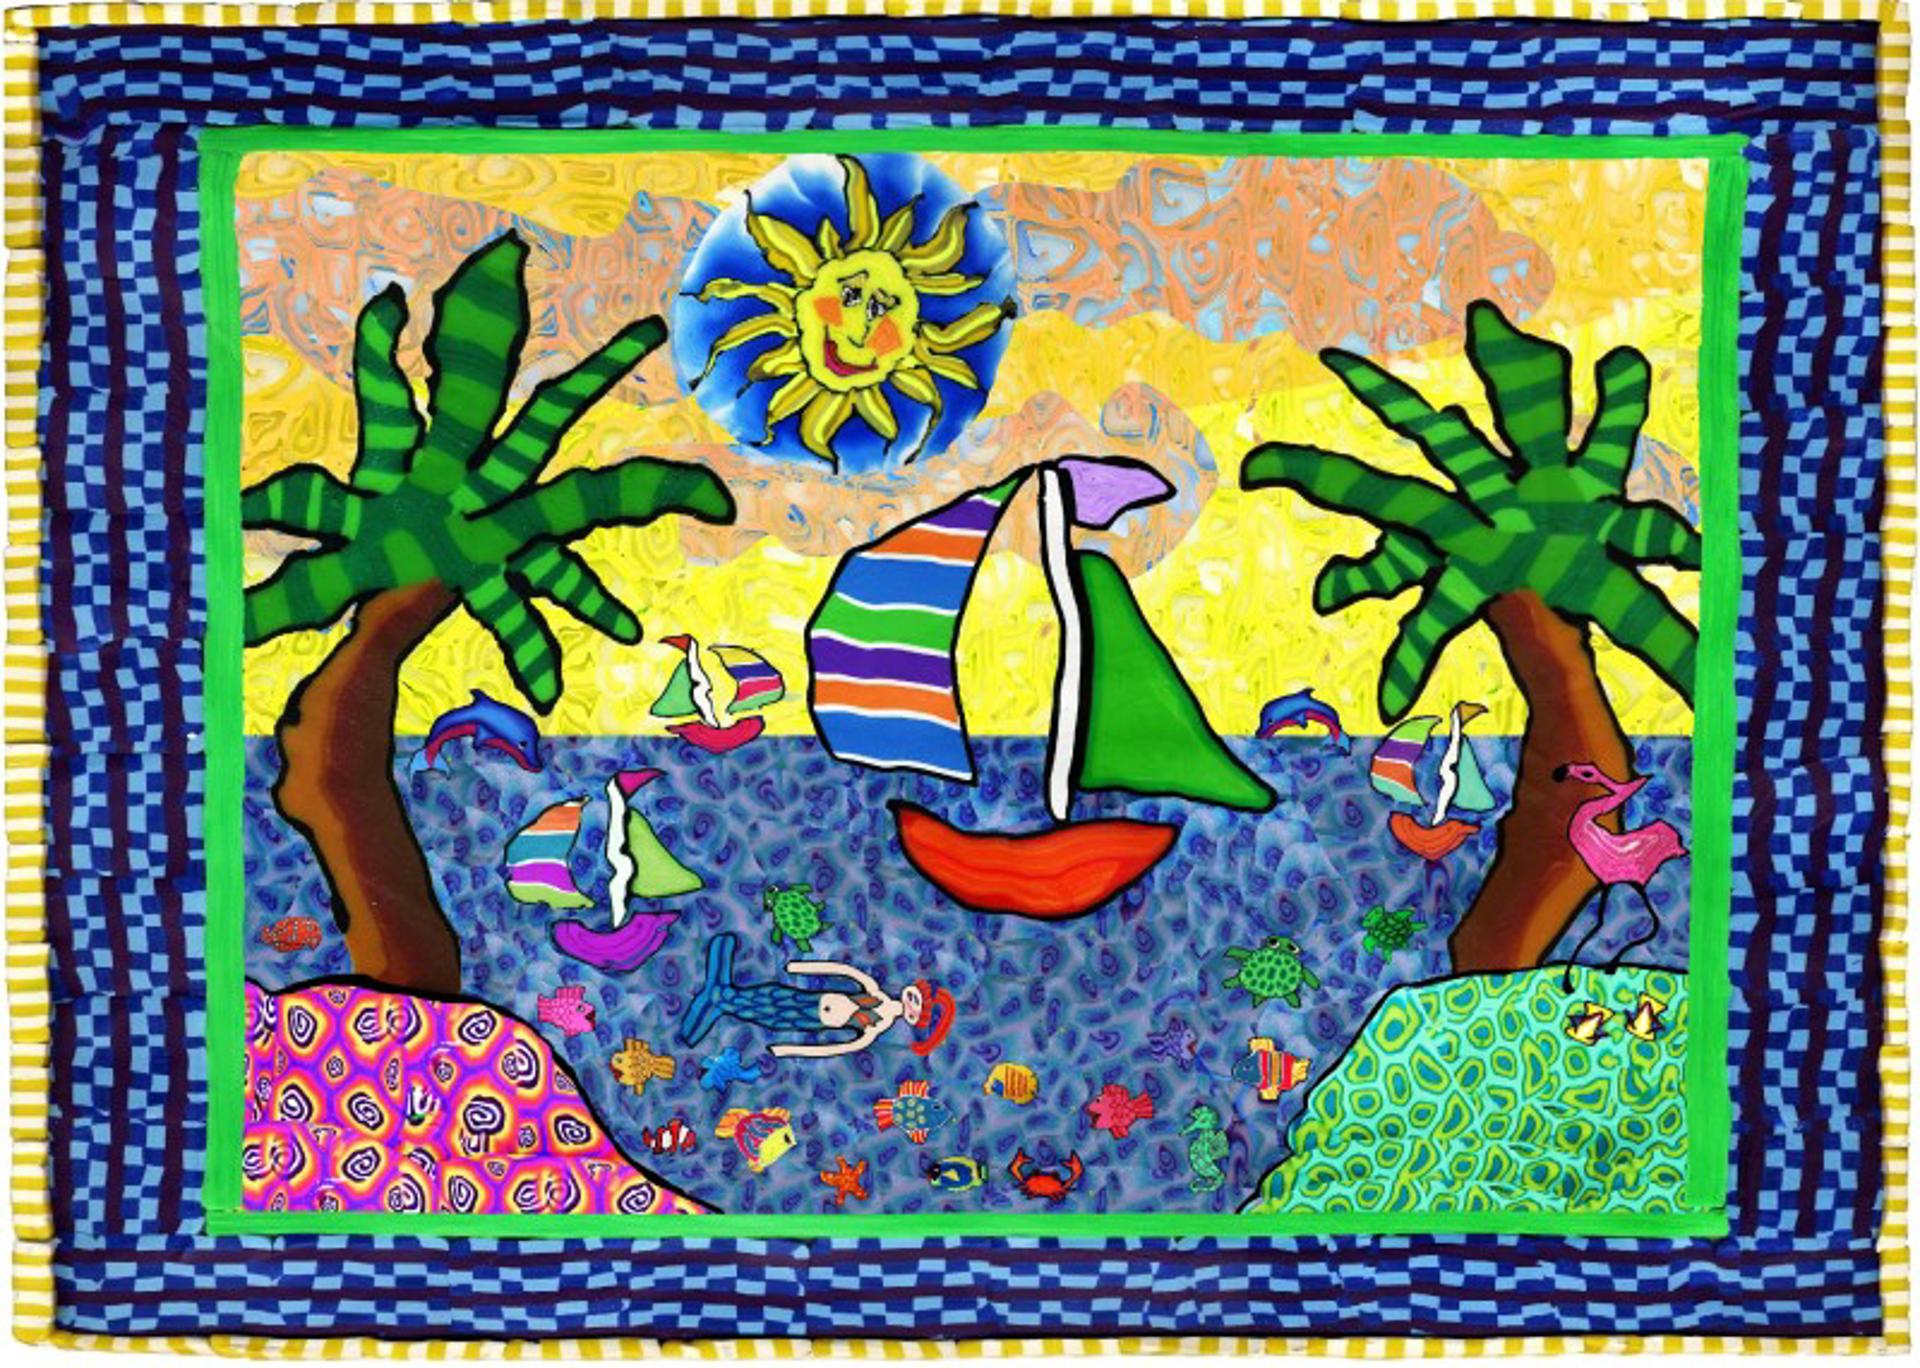 Sailboats and Palms  by Samantha Long - Prints